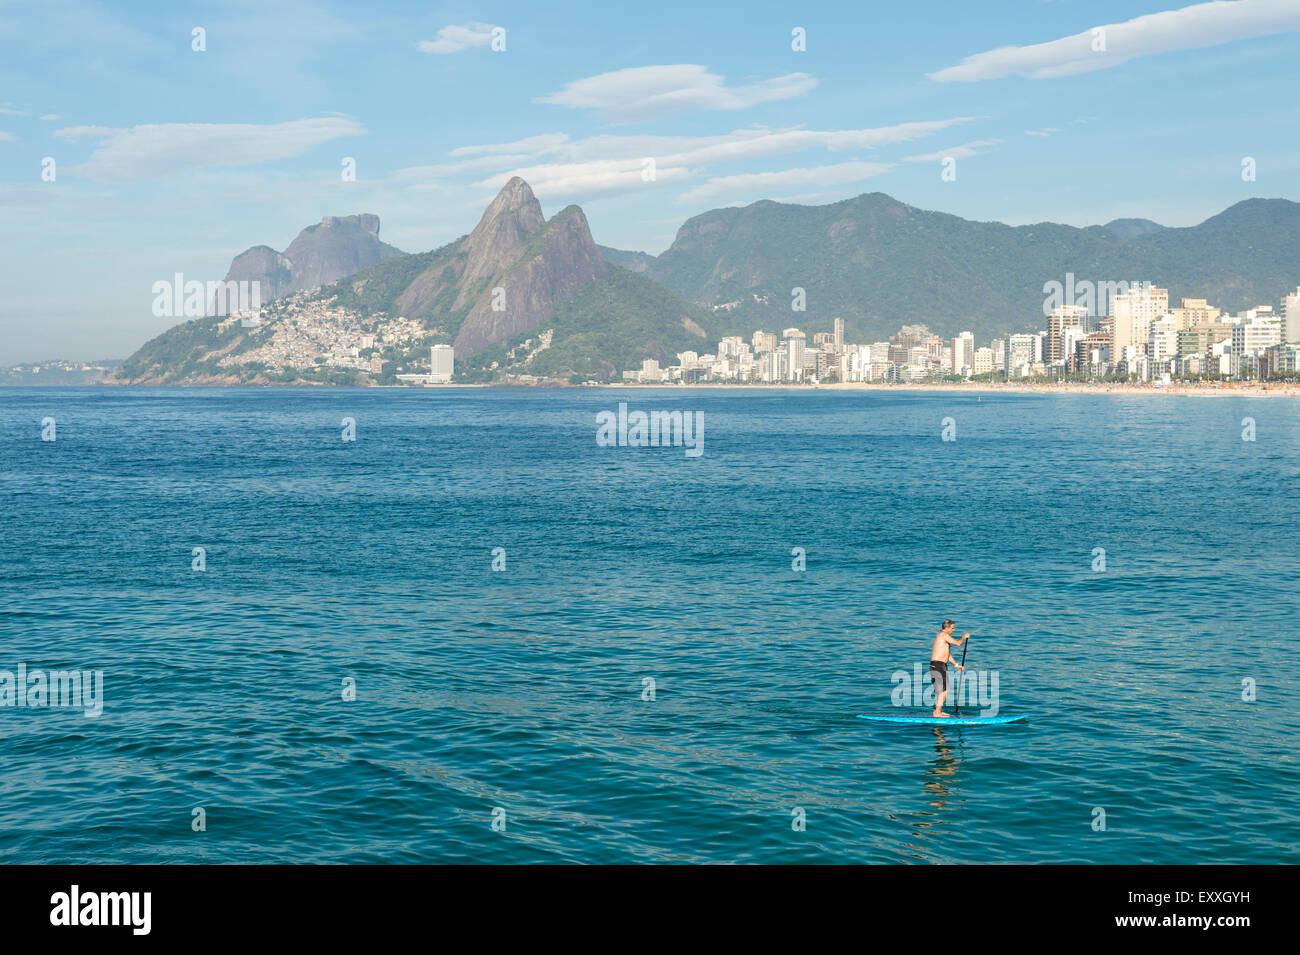 Río de Janeiro, Brasil - Marzo 22, 2015: un par de Stand Up Paddle entusiastas hacen su camino a lo largo del Imagen De Stock